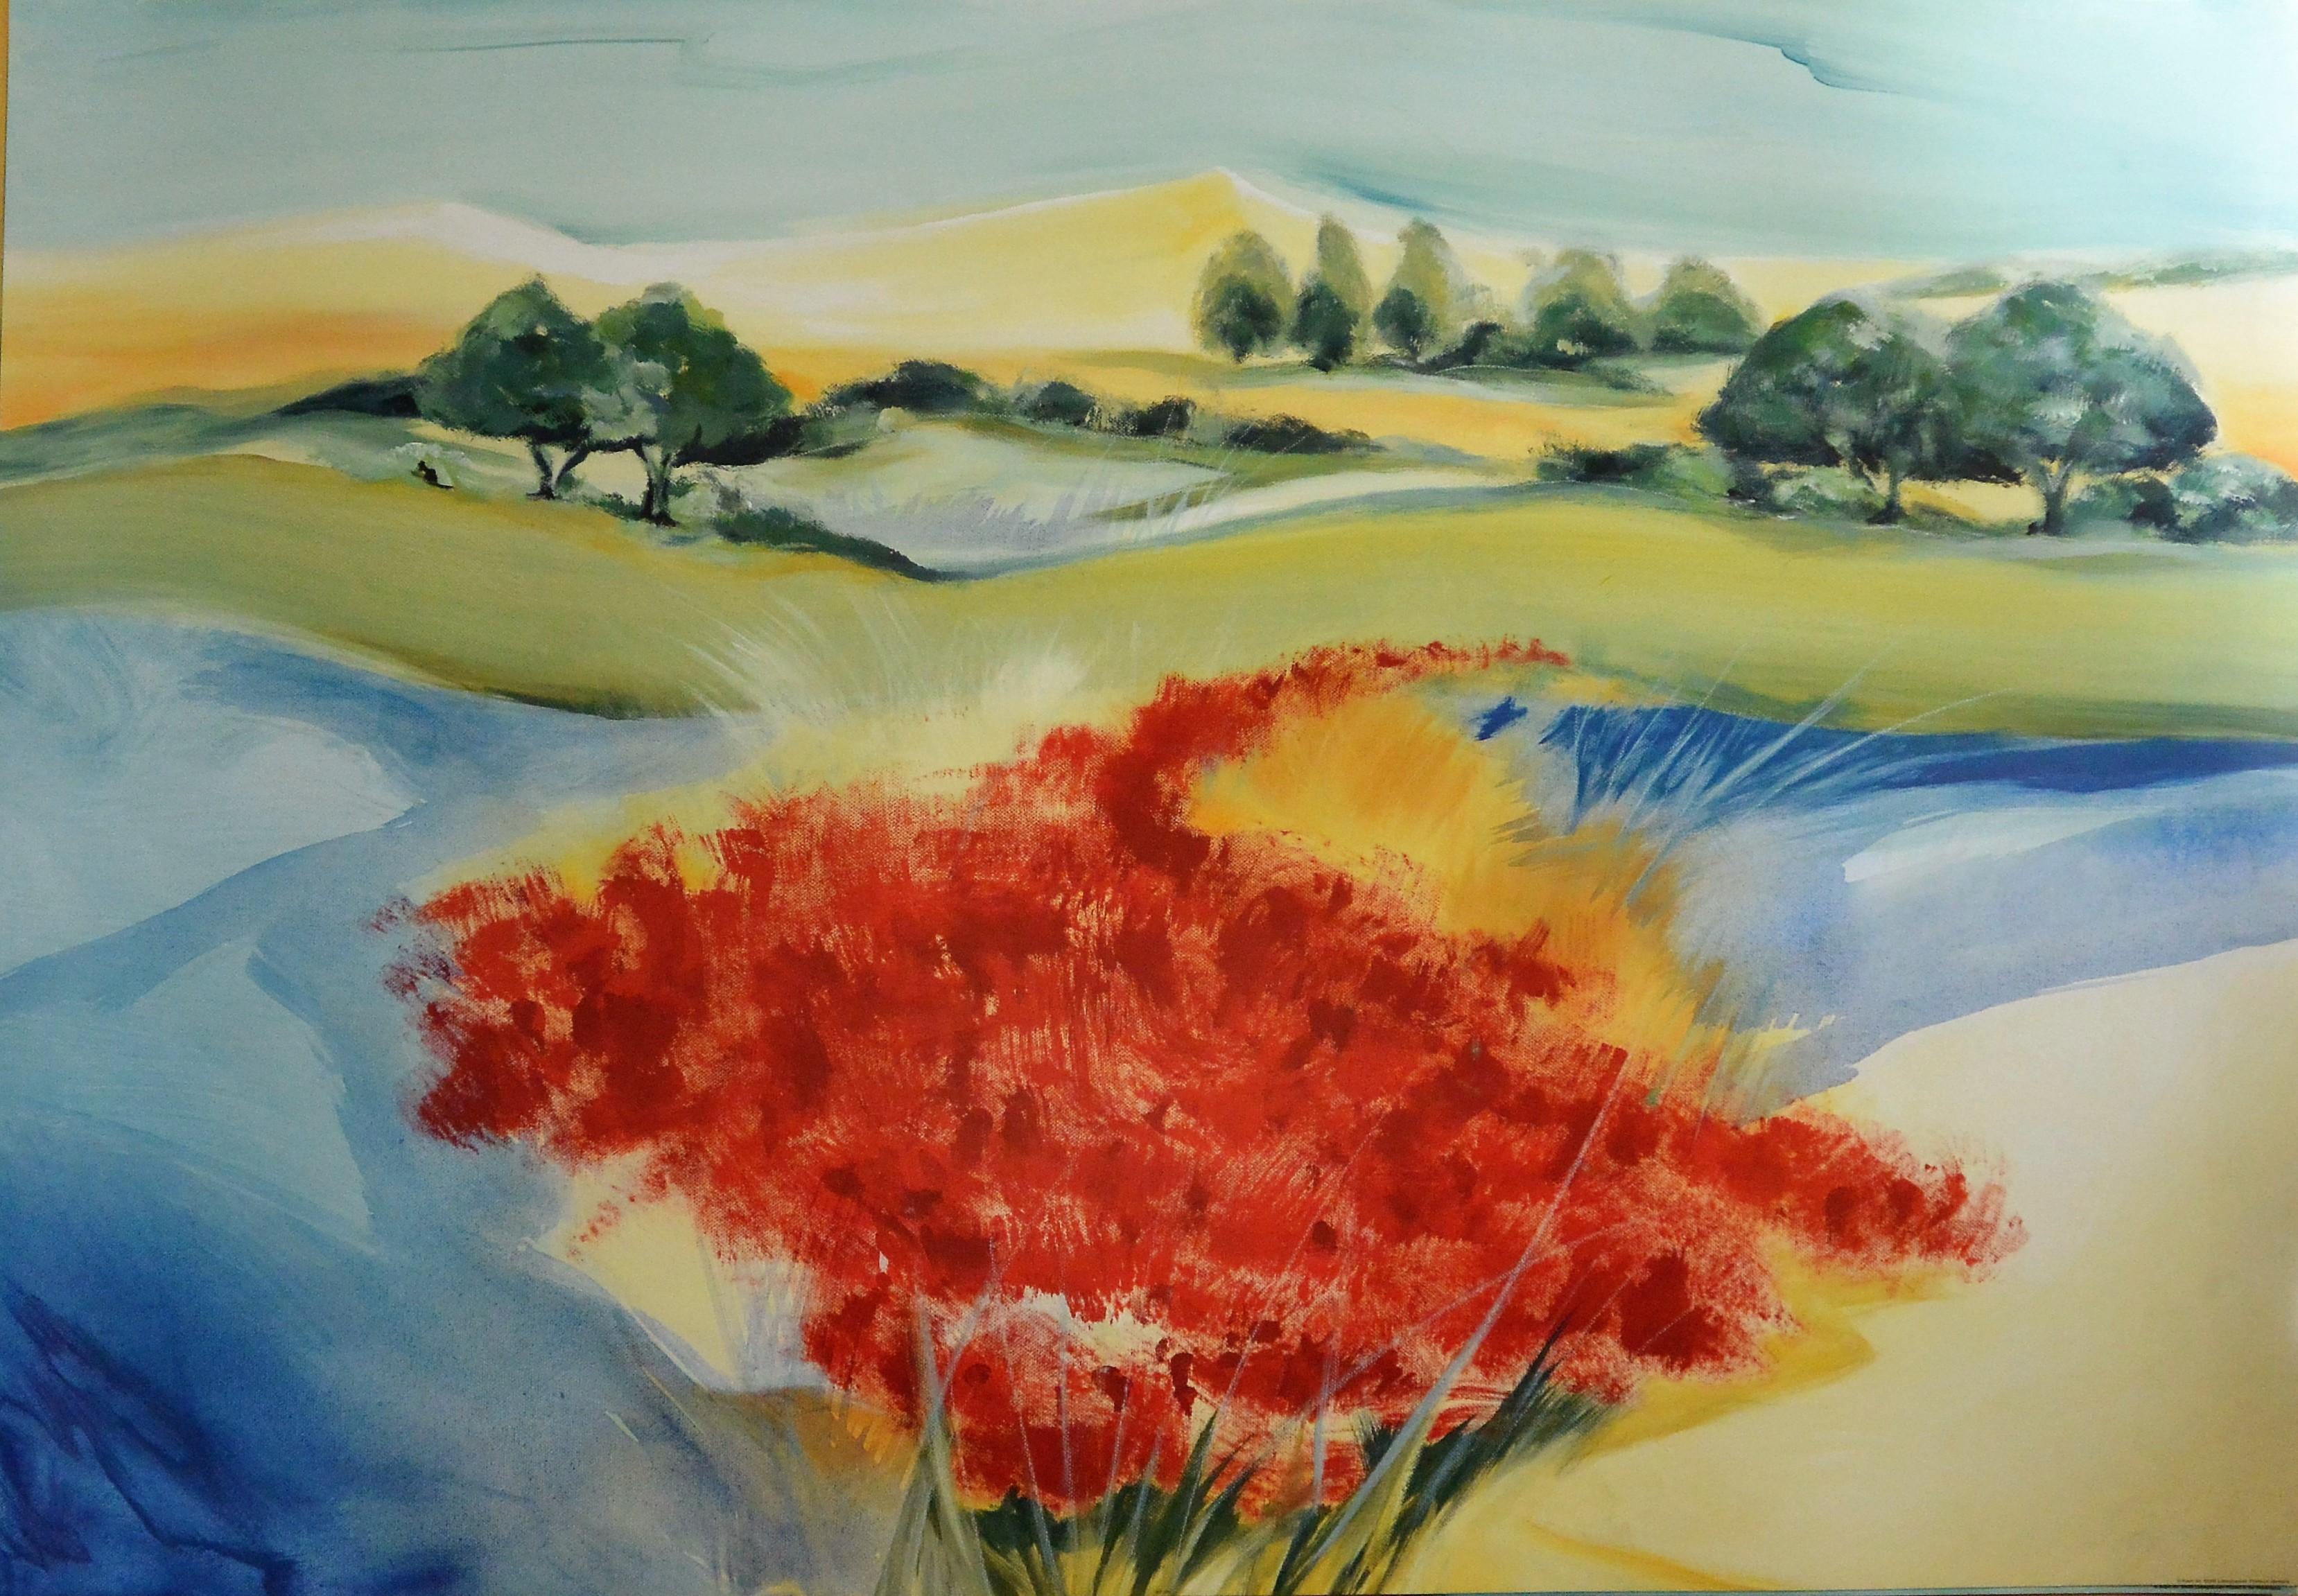 Decoraci n h kirchner paisaje con flores rojas for Decoracion y paisaje s a